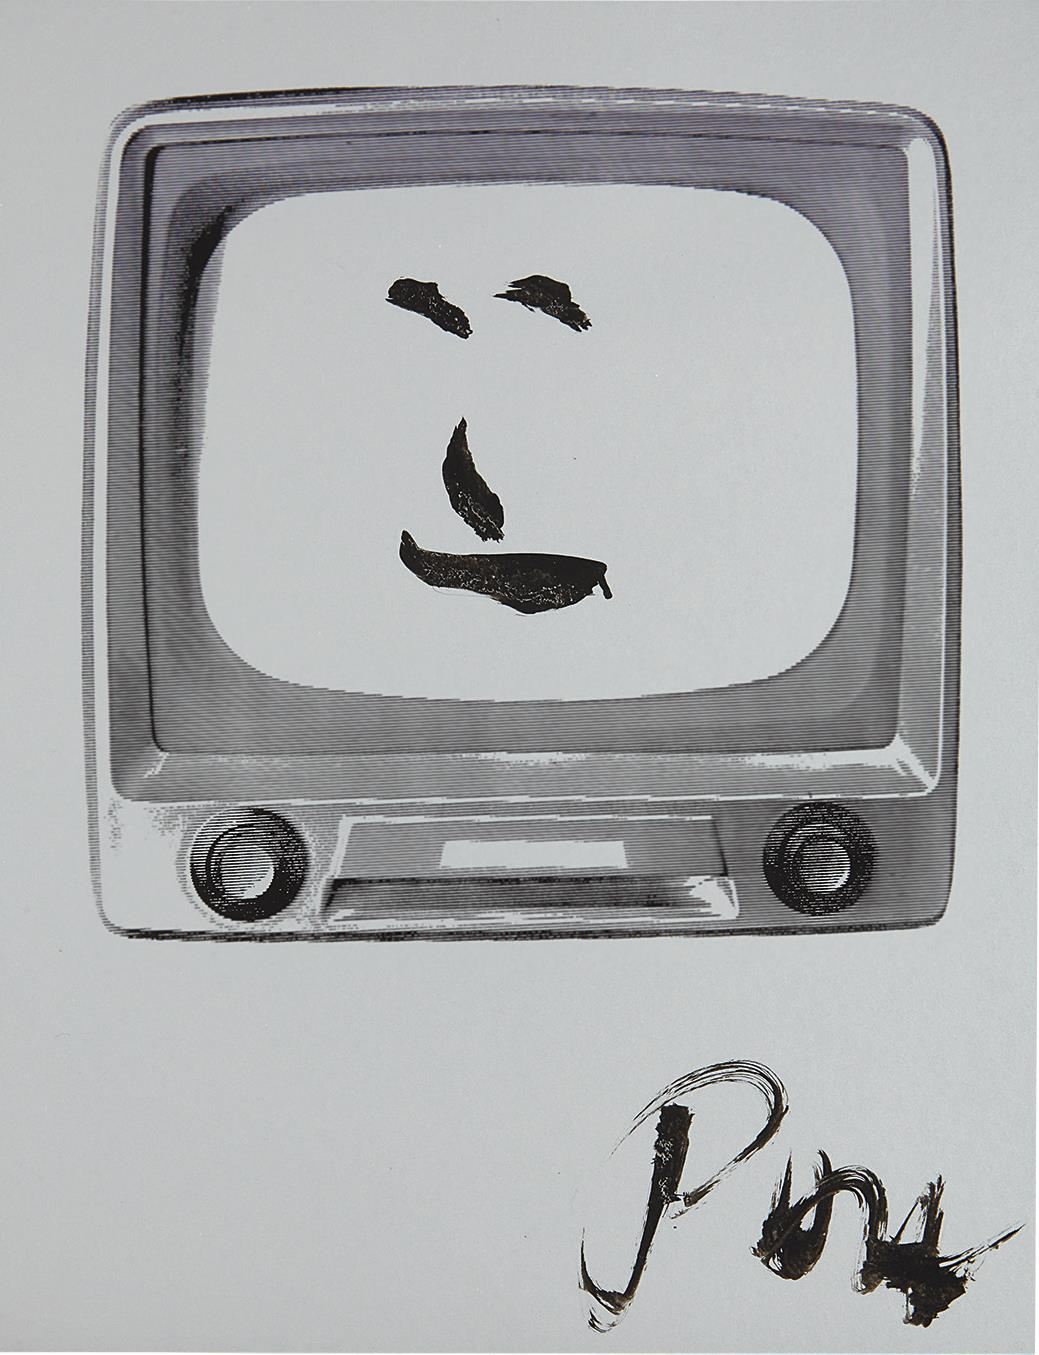 Nam June Paik-Smiling Face-1986